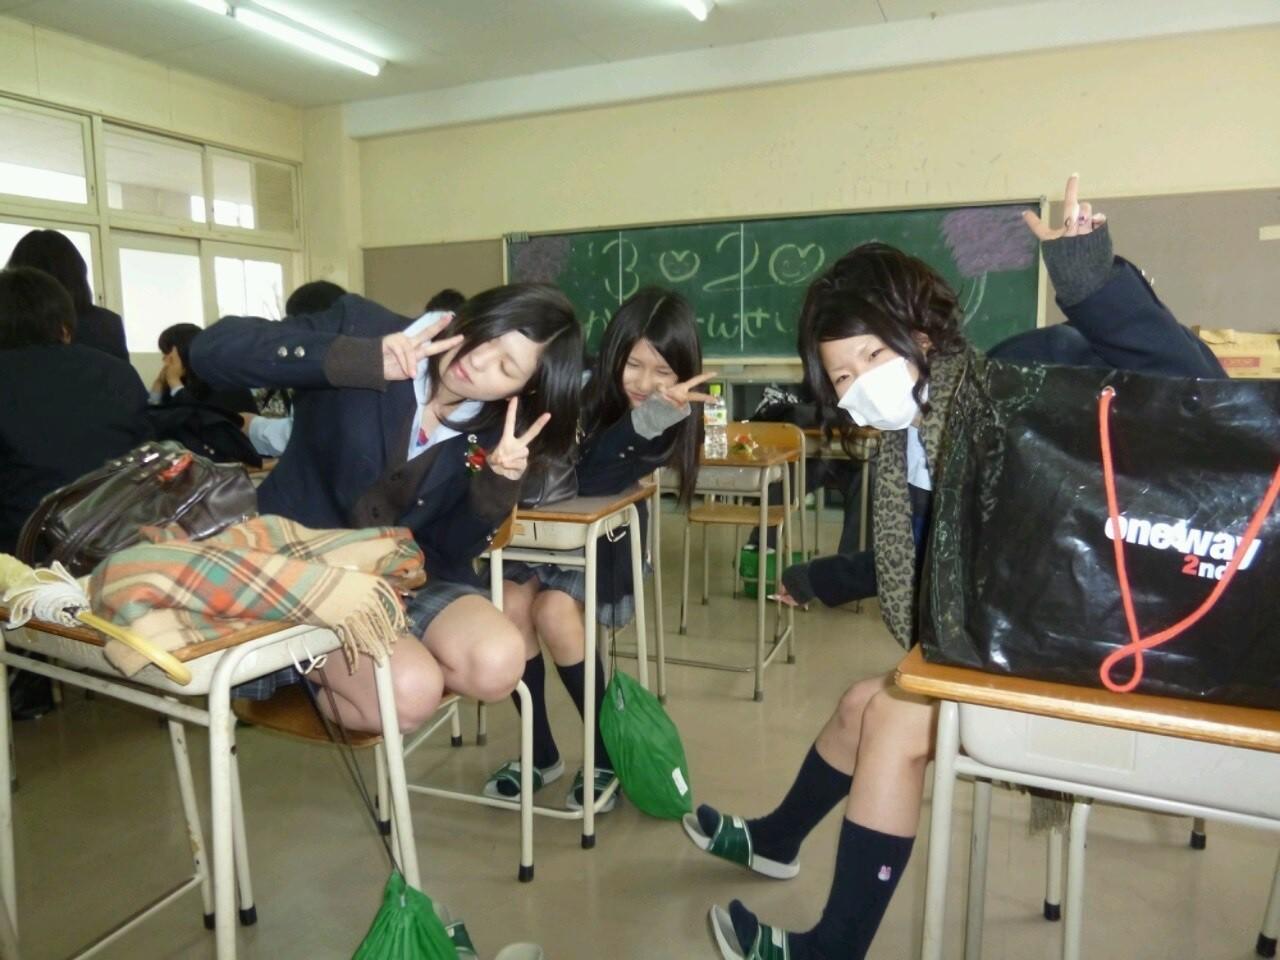 いつ見てもエッチな女子高生の街撮りエロ画像wwwwwww Vn1MFi6